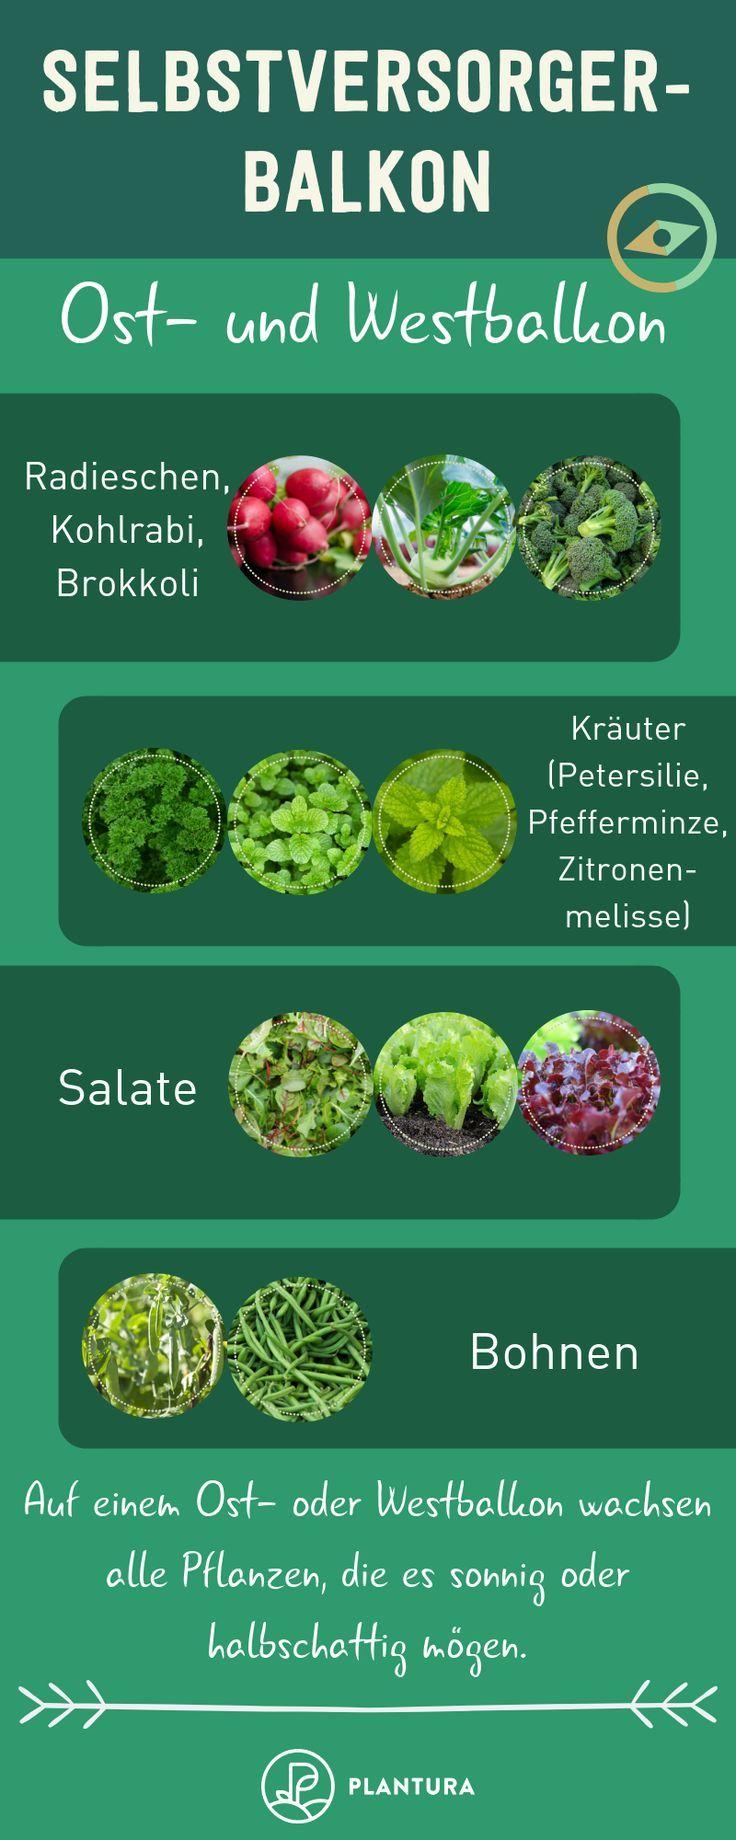 Selbstversorger-Balkon: Welche Pflanze für welchen Balkon? - Plantura #howtogrowvegetables